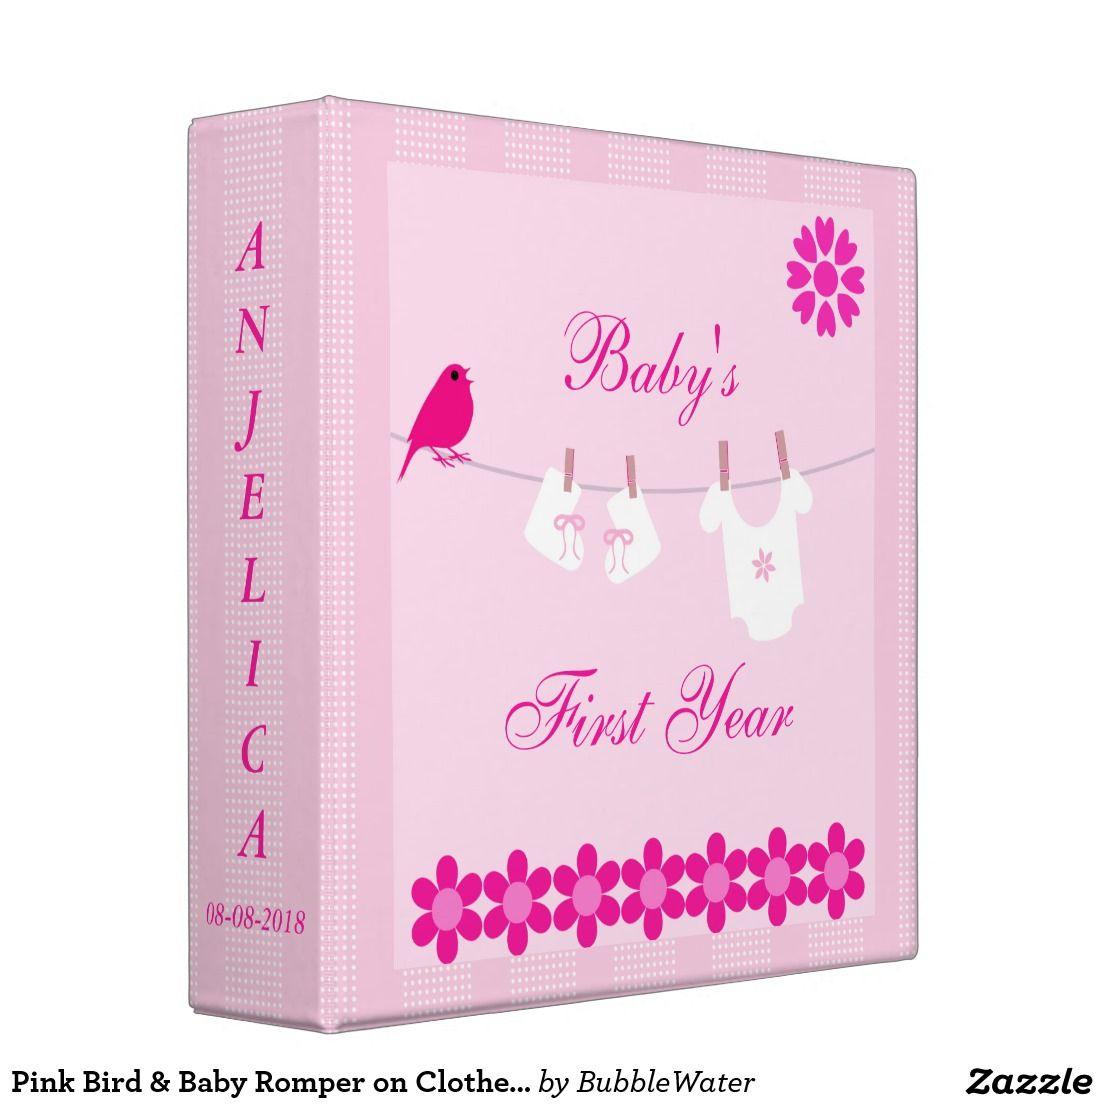 Pink Bird & Baby Romper on Clothesline Photo Album Vinyl Binders